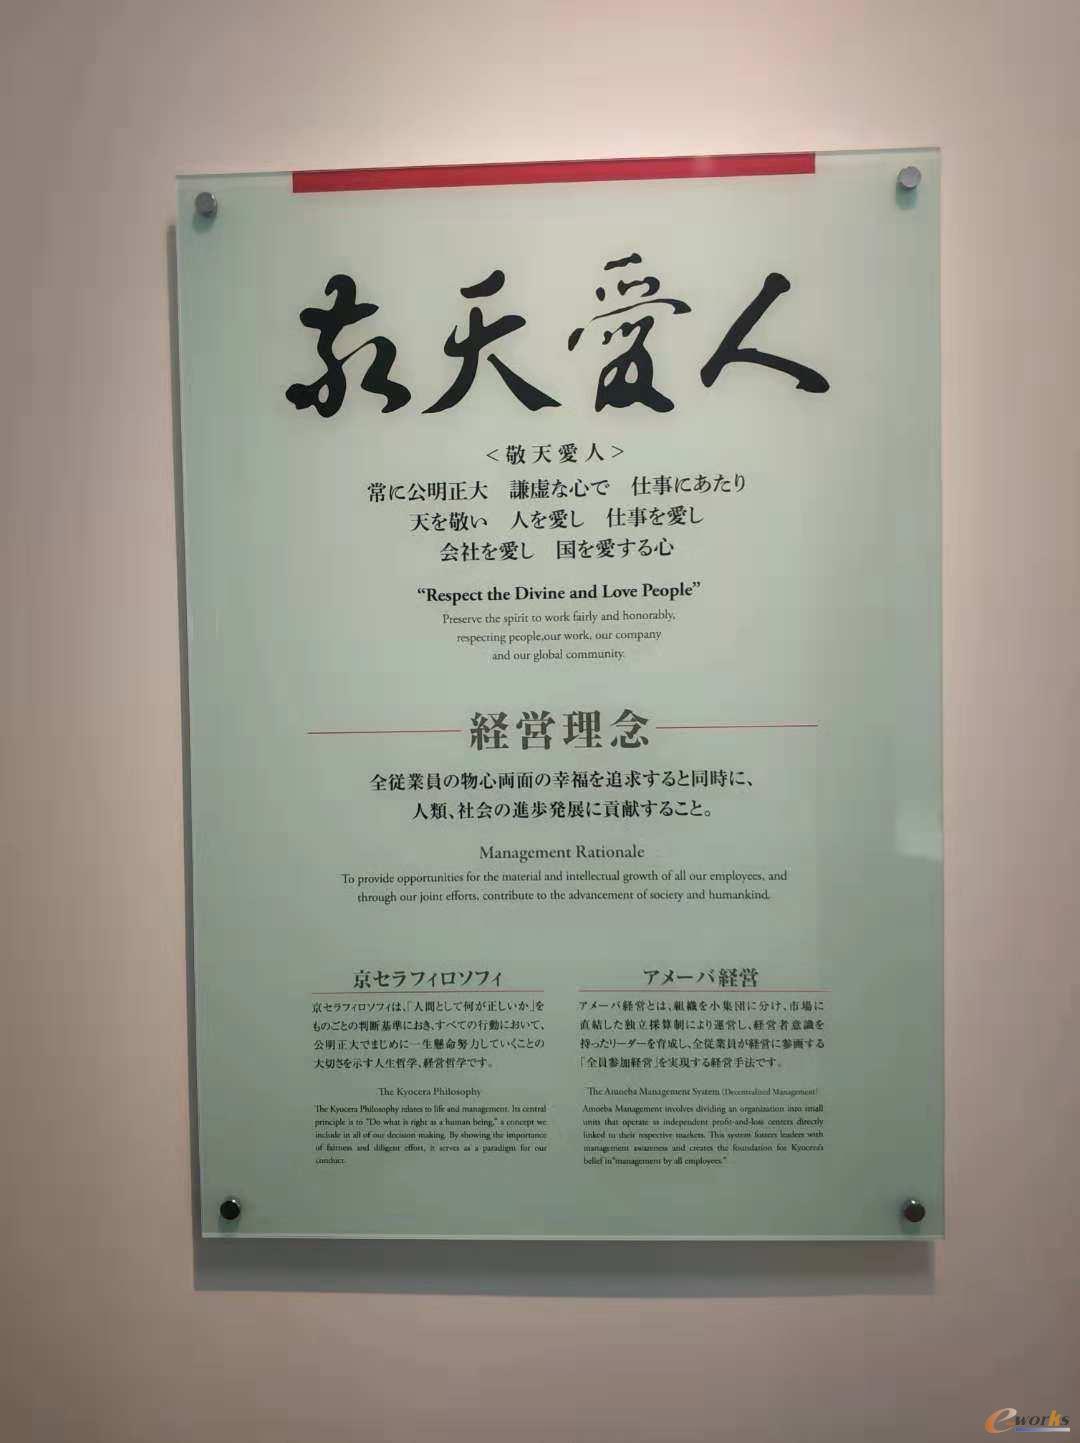 京瓷集团经营理念